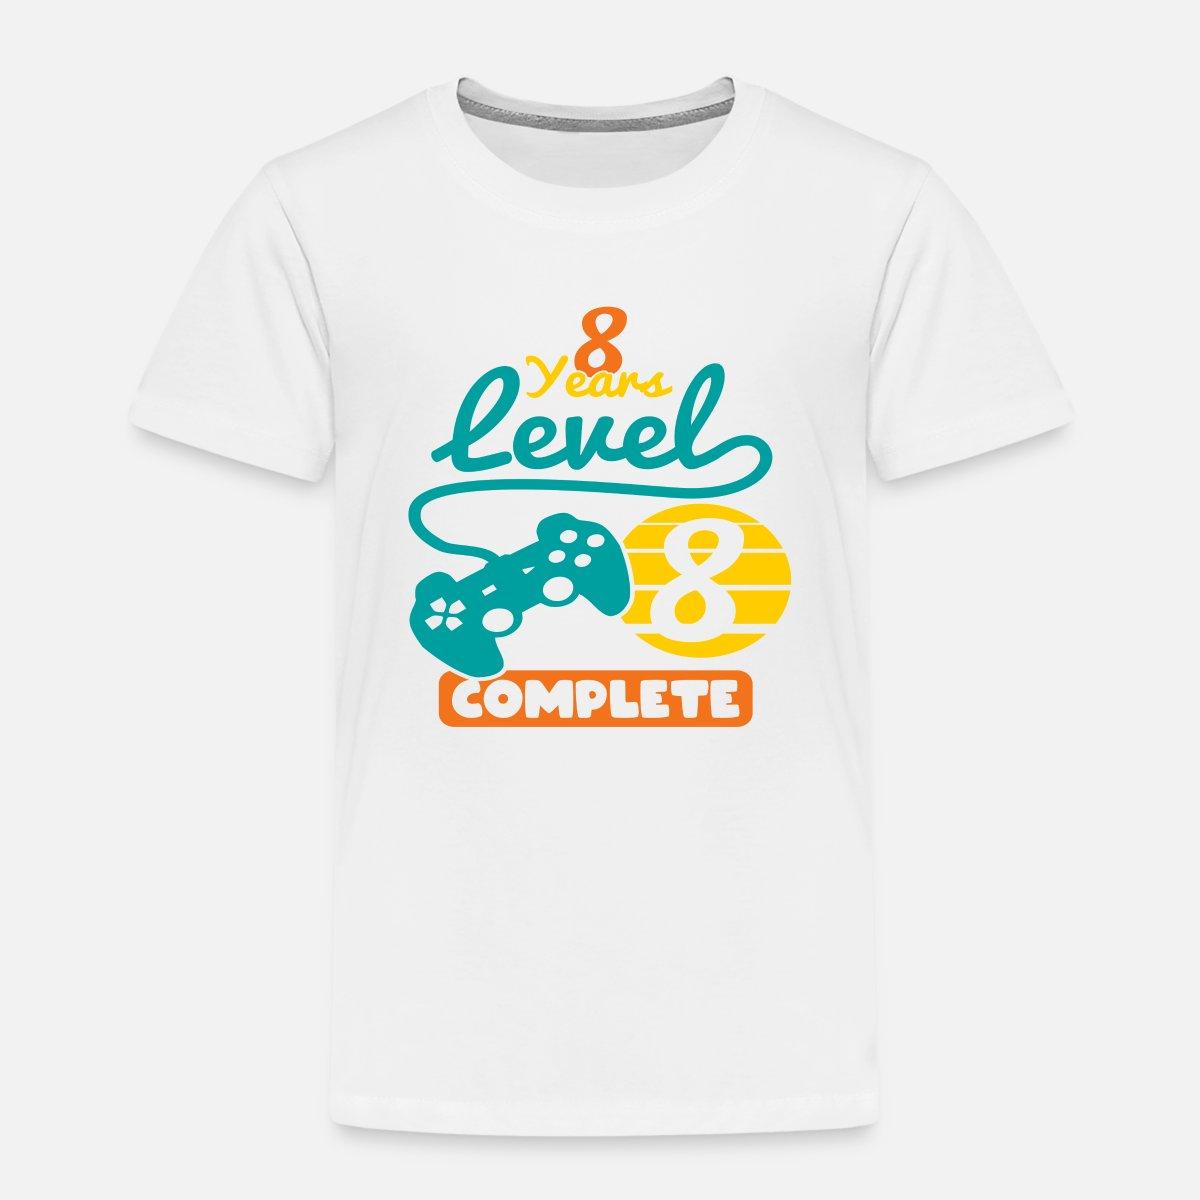 8. Geburtstag 8 Jahre Level 8 Complete Geschenk' Kinder Premium T ...